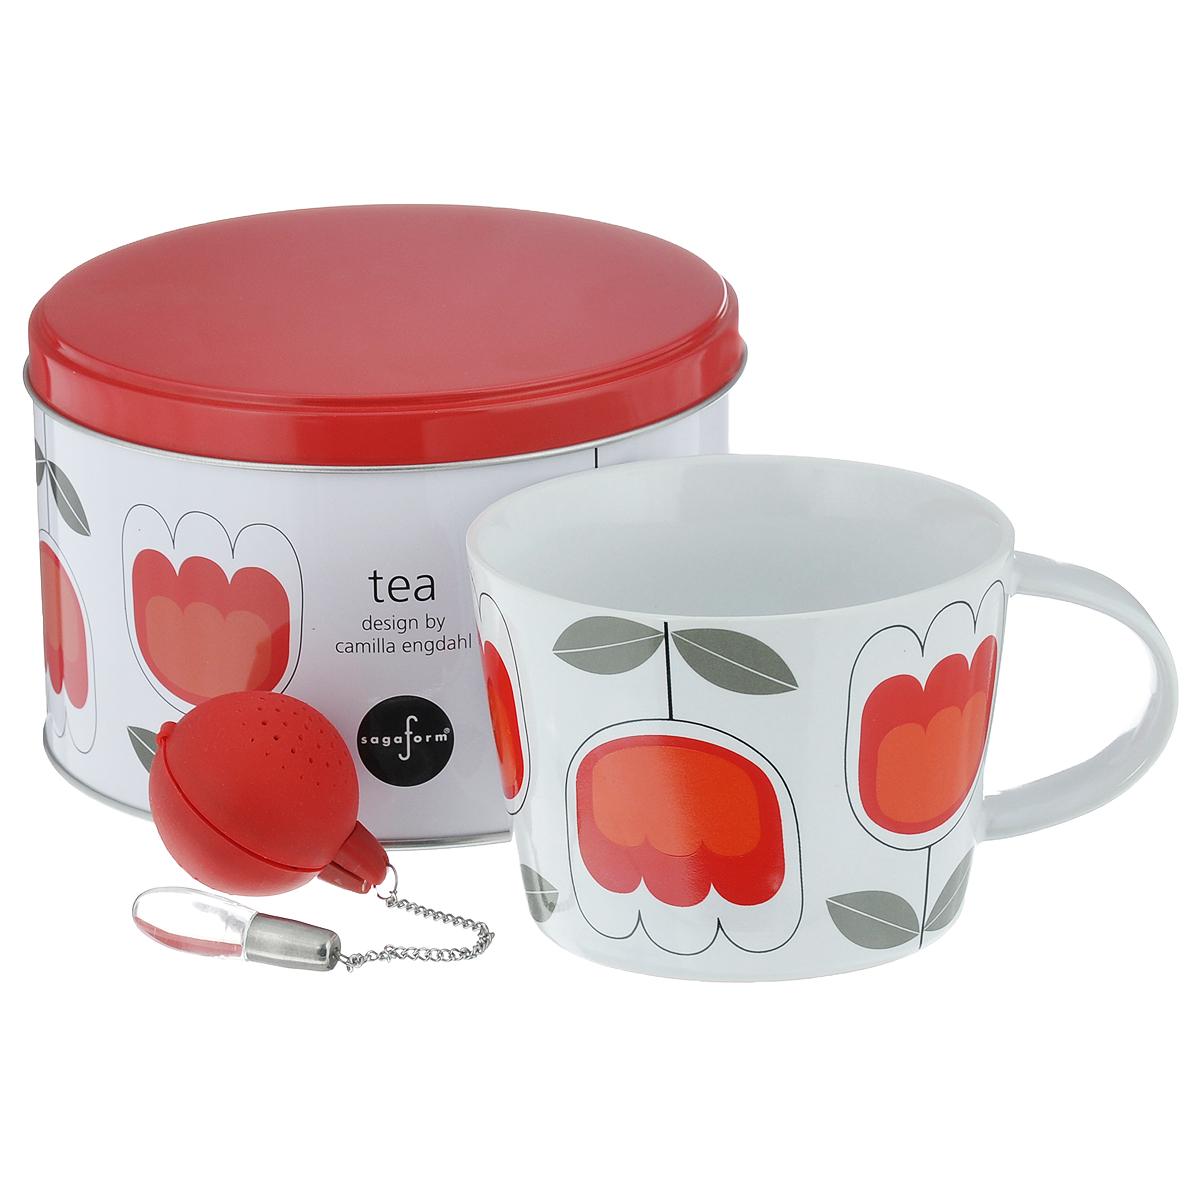 Набор чайный Sagaform Tea, цвет: красный, белый, 2 предмета5015360Набор чайный Sagaform Tea состоит из кружки, изготовленной из высококачественной керамики, и ситечка для заваривания чая. Круглое силиконовое ситечко оснащено стальной цепочкой со стеклянной подвеской, благодаря чему ситечко удобно доставать из кружки. Внешние стенки кружки оформлены цветочным узором. Предметы набора располагаются в круглой металлической банке с крышкой. Оригинальный скандинавский дизайн и функциональность сделают чайный набор Sagaform Tea желанным подарком! Объем кружки: 400 мл. Диаметр кружки по верхнему краю: 10,5 см. Диаметр дна кружки: 8,5 см. Высота стенок кружки: 8 см. Диаметр ситечка: 4 см.